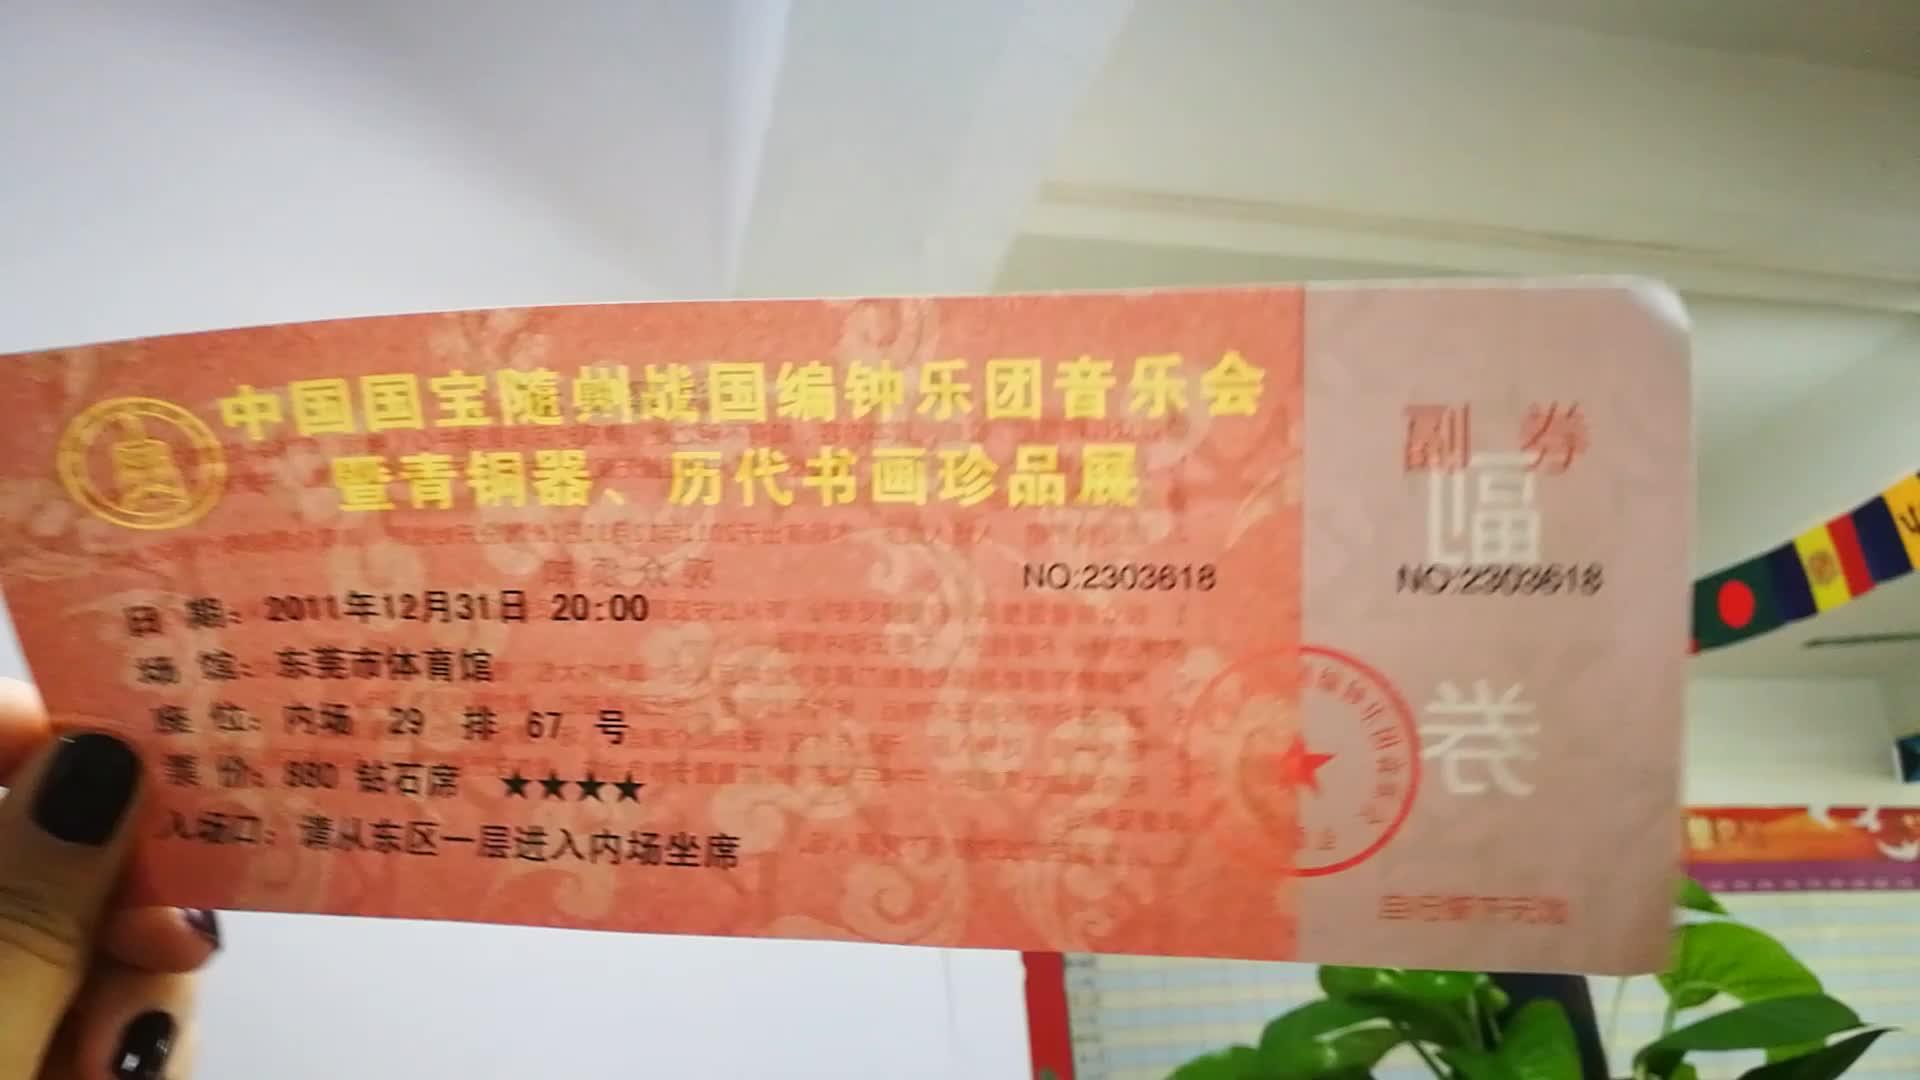 कस्टम विरोधी जालसाजी उपहार कूपन अच्छी गुणवत्ता के साथ चीन में किए गए